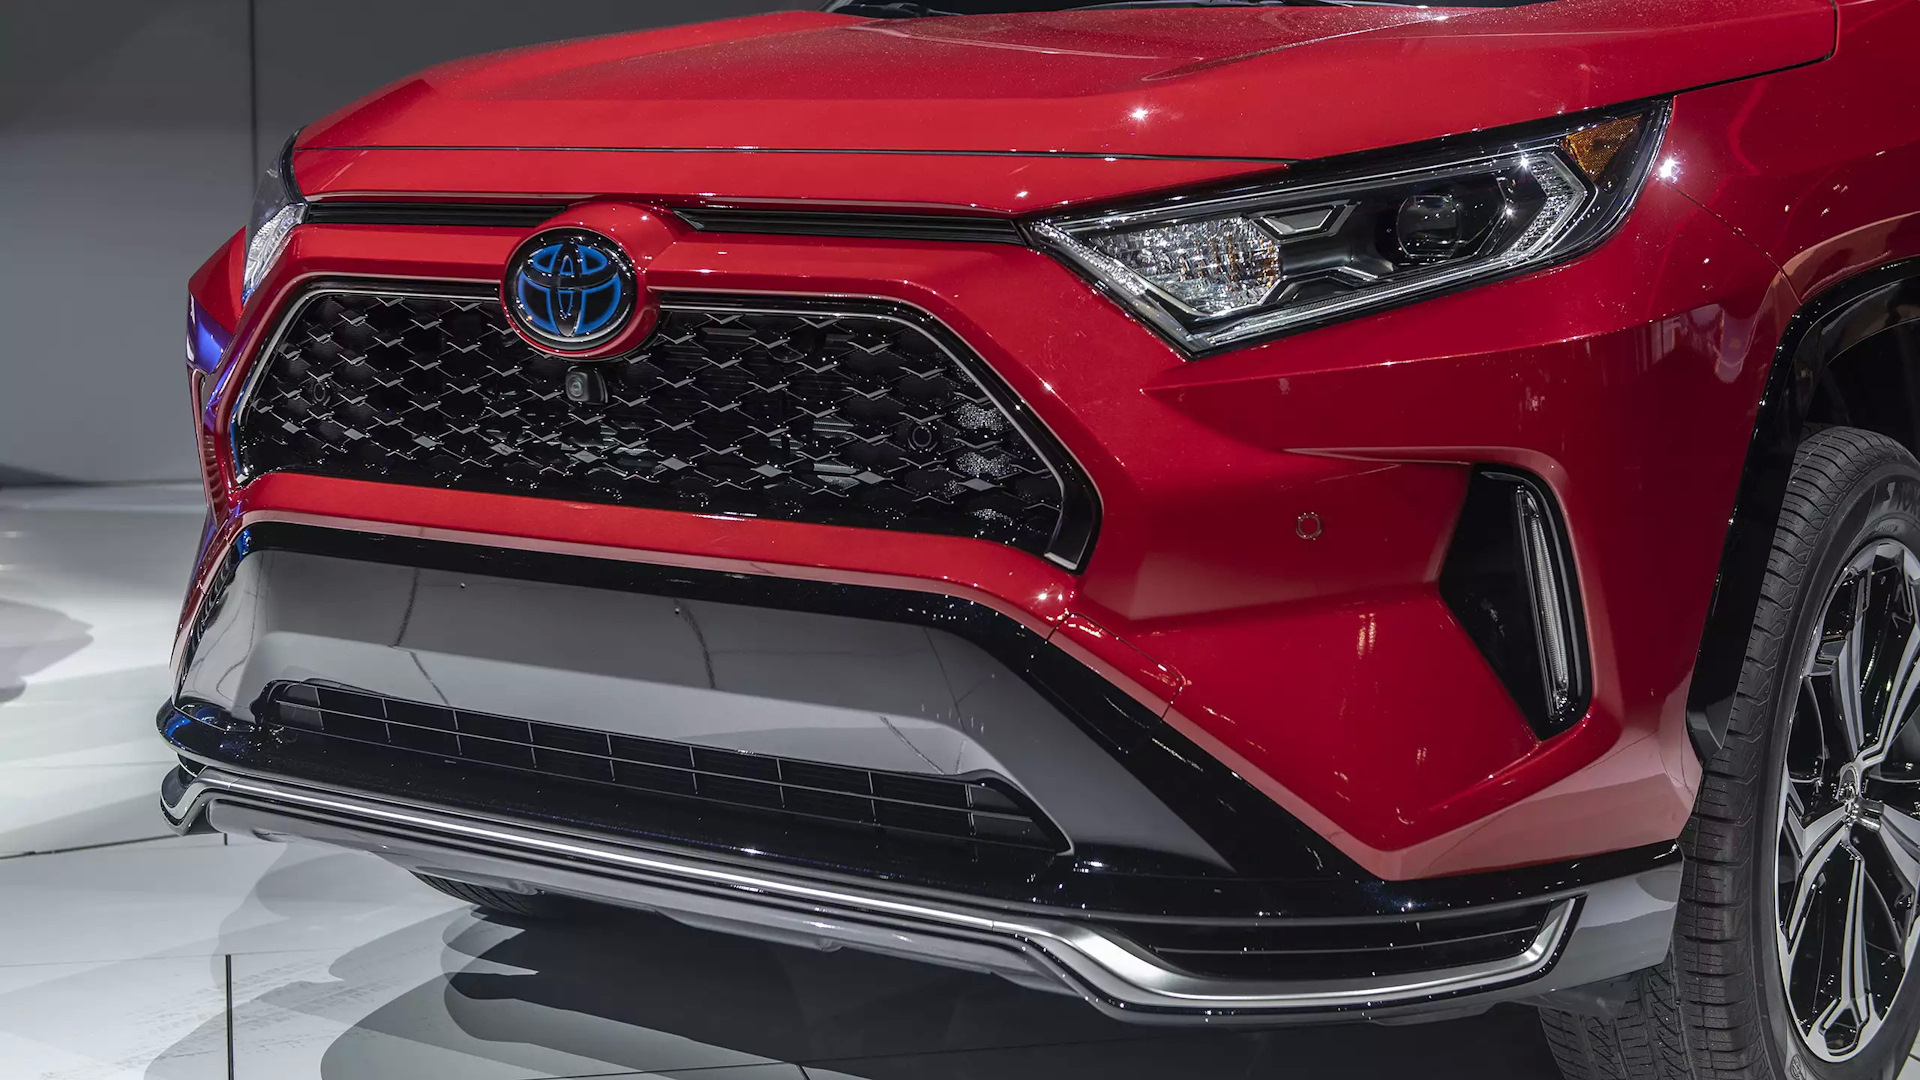 """Кроссовер toyota rav4 hybrid 2020 модельного года: когда ждать появления """"гибридного"""" suv в россии - 1rre"""